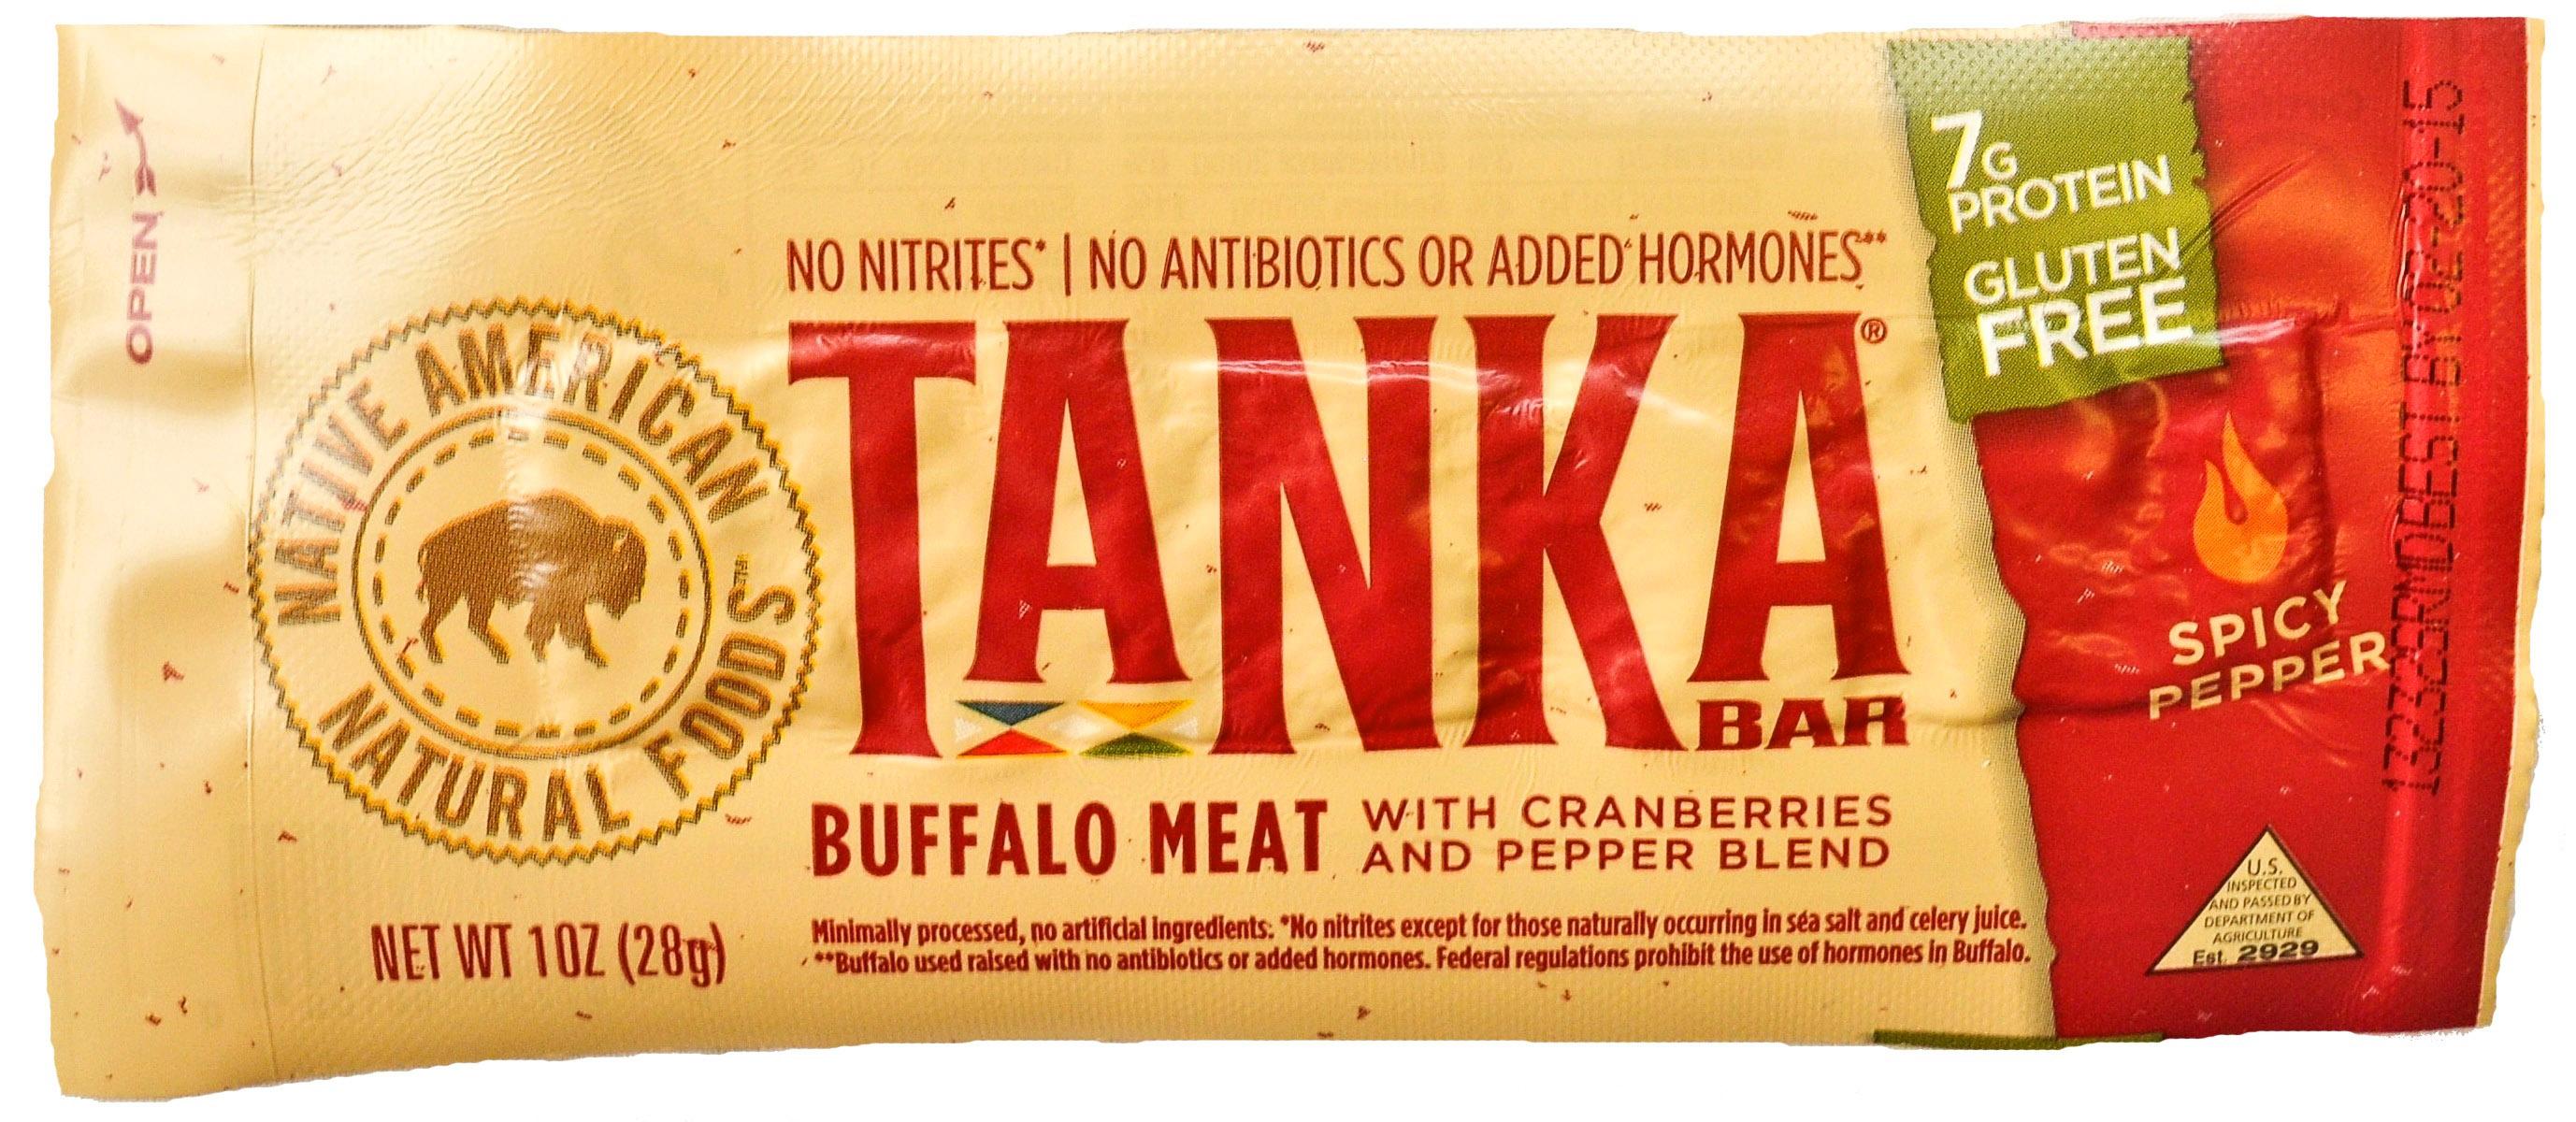 tanka_bar.jpg